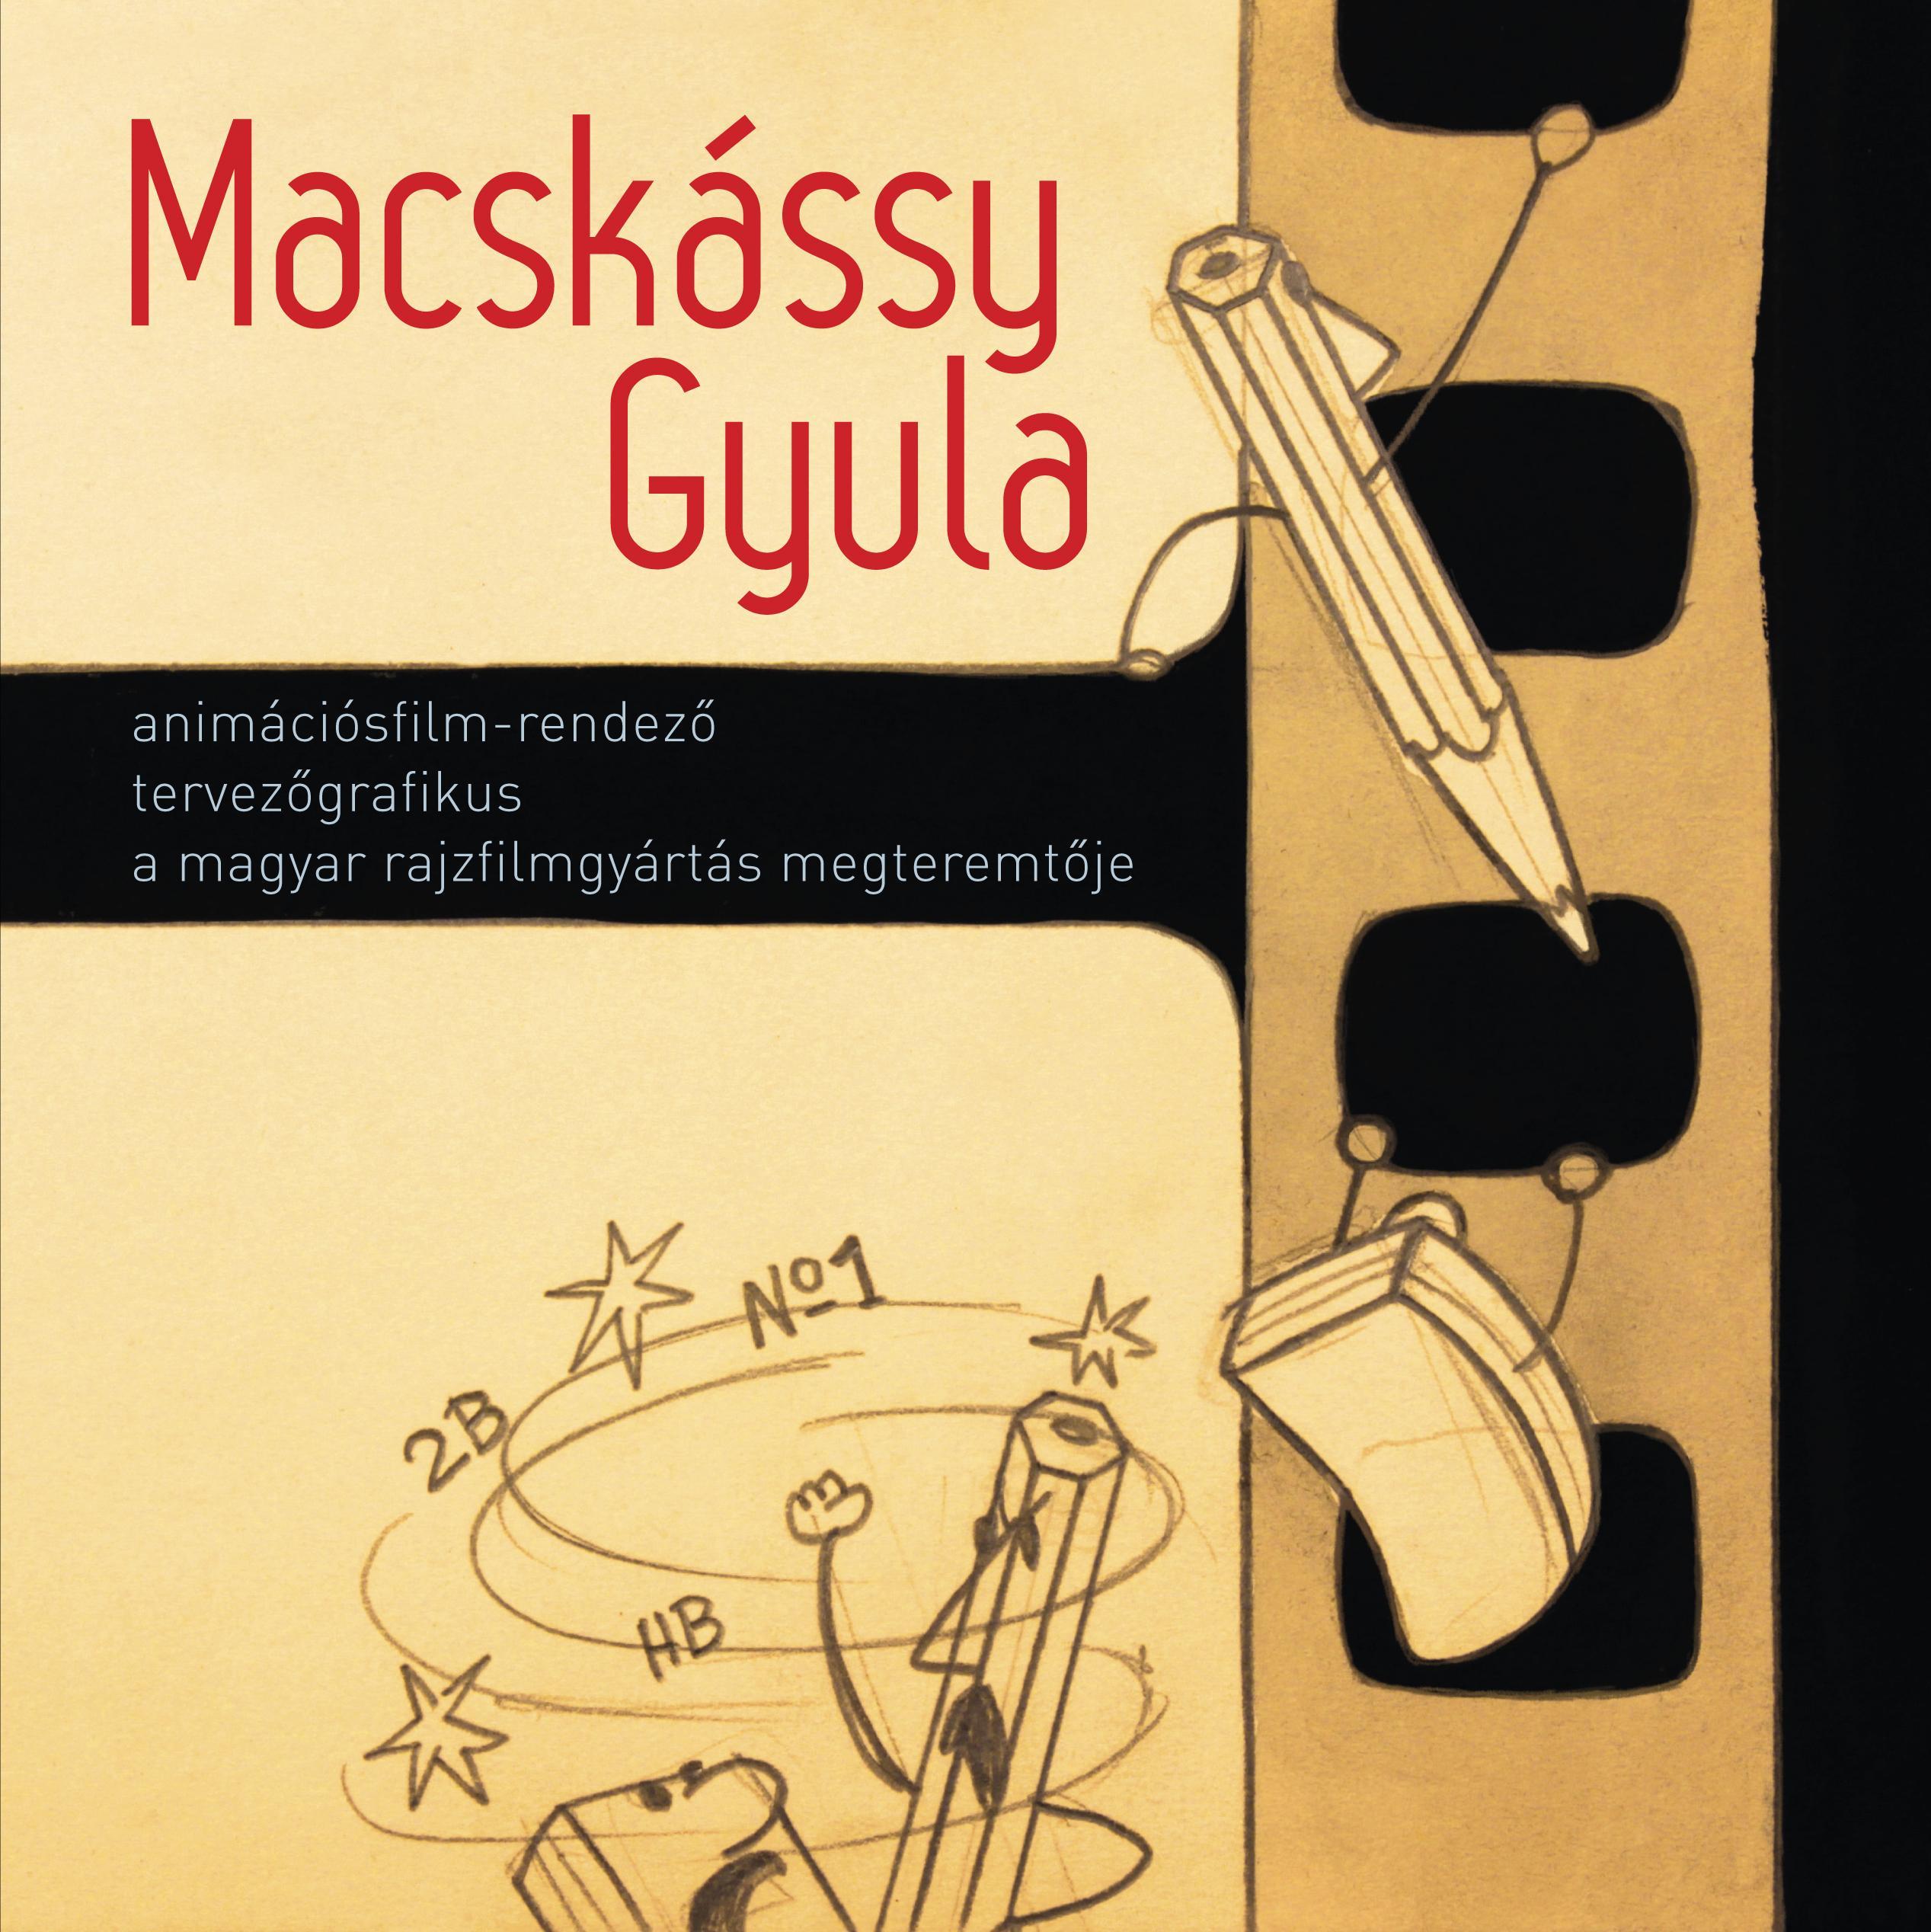 MACSKÁSSY GYULA ANIMÁCIÓSFILM-RENDEZÕ, TERVEZÕGRAFIKUS